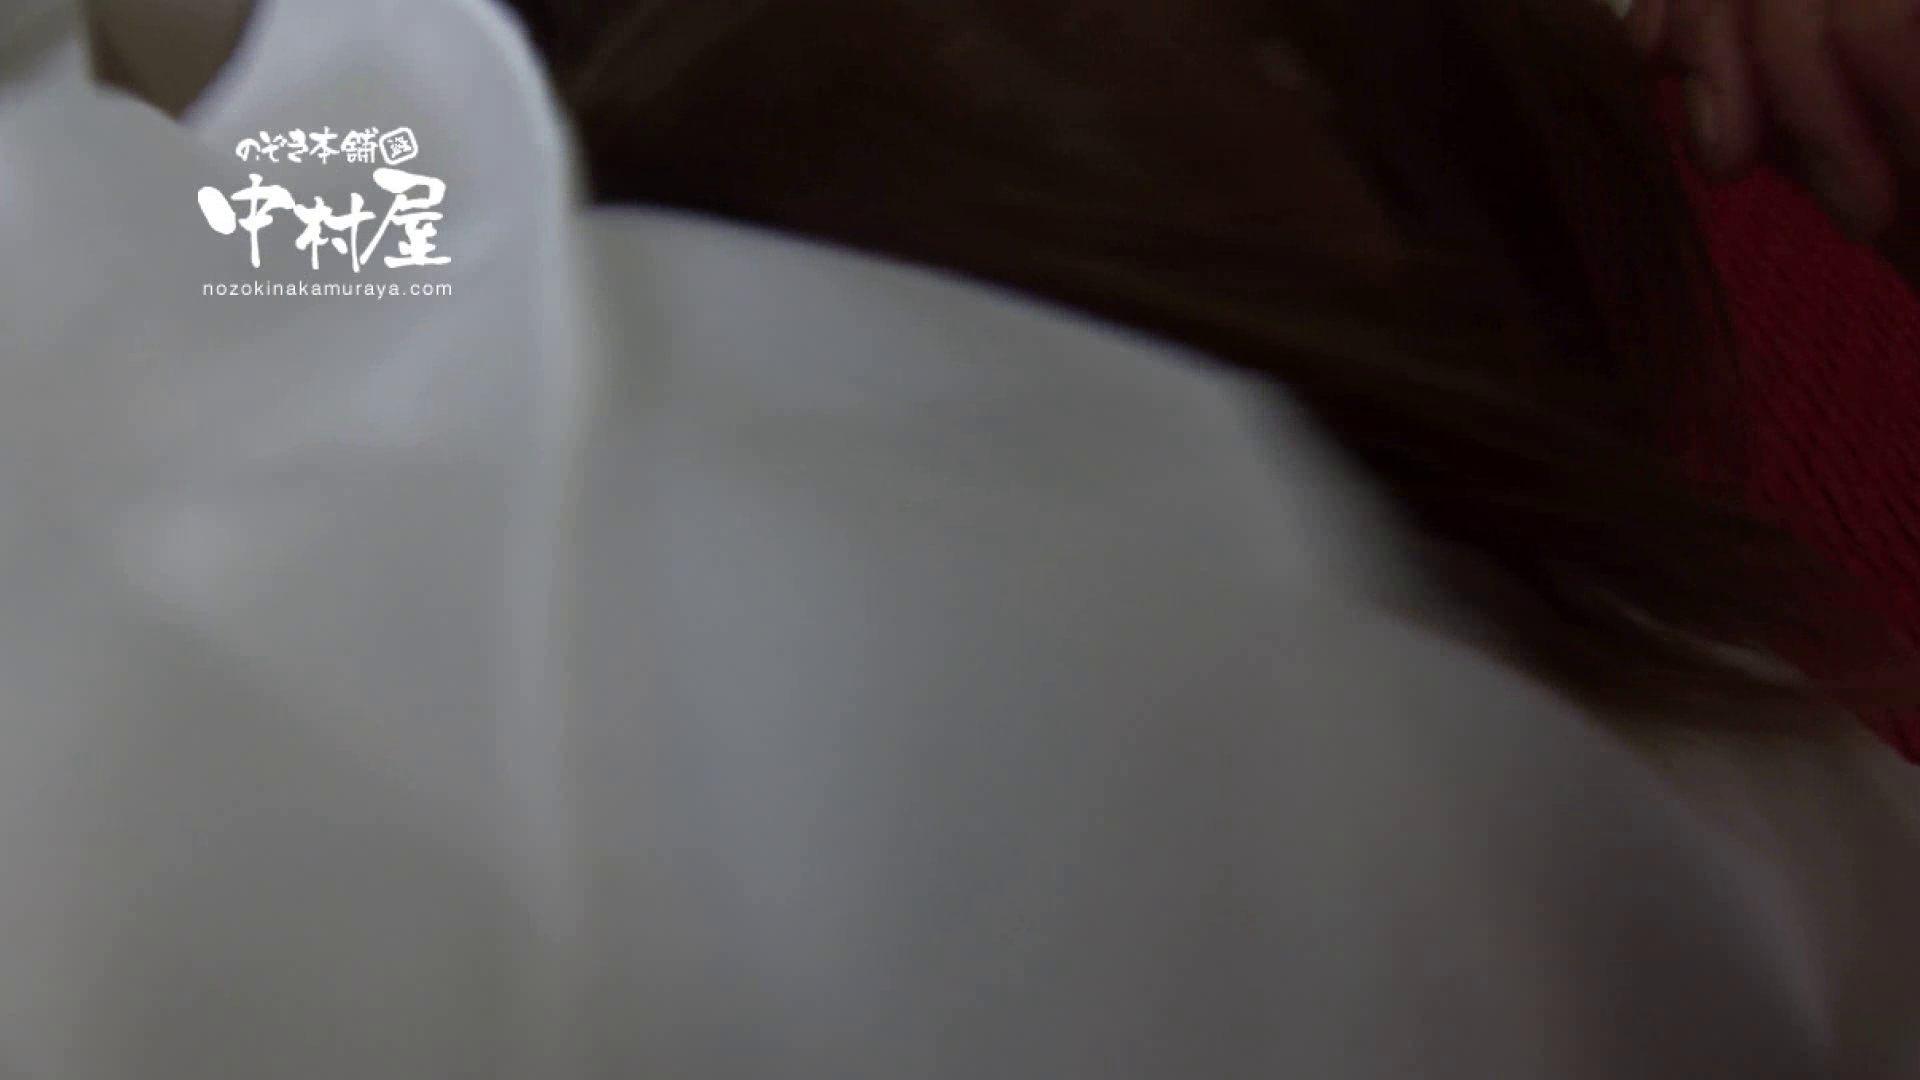 鬼畜 vol.07 パイパンだと?!中出ししてやる! 前編 中出し セックス画像 95枚 2